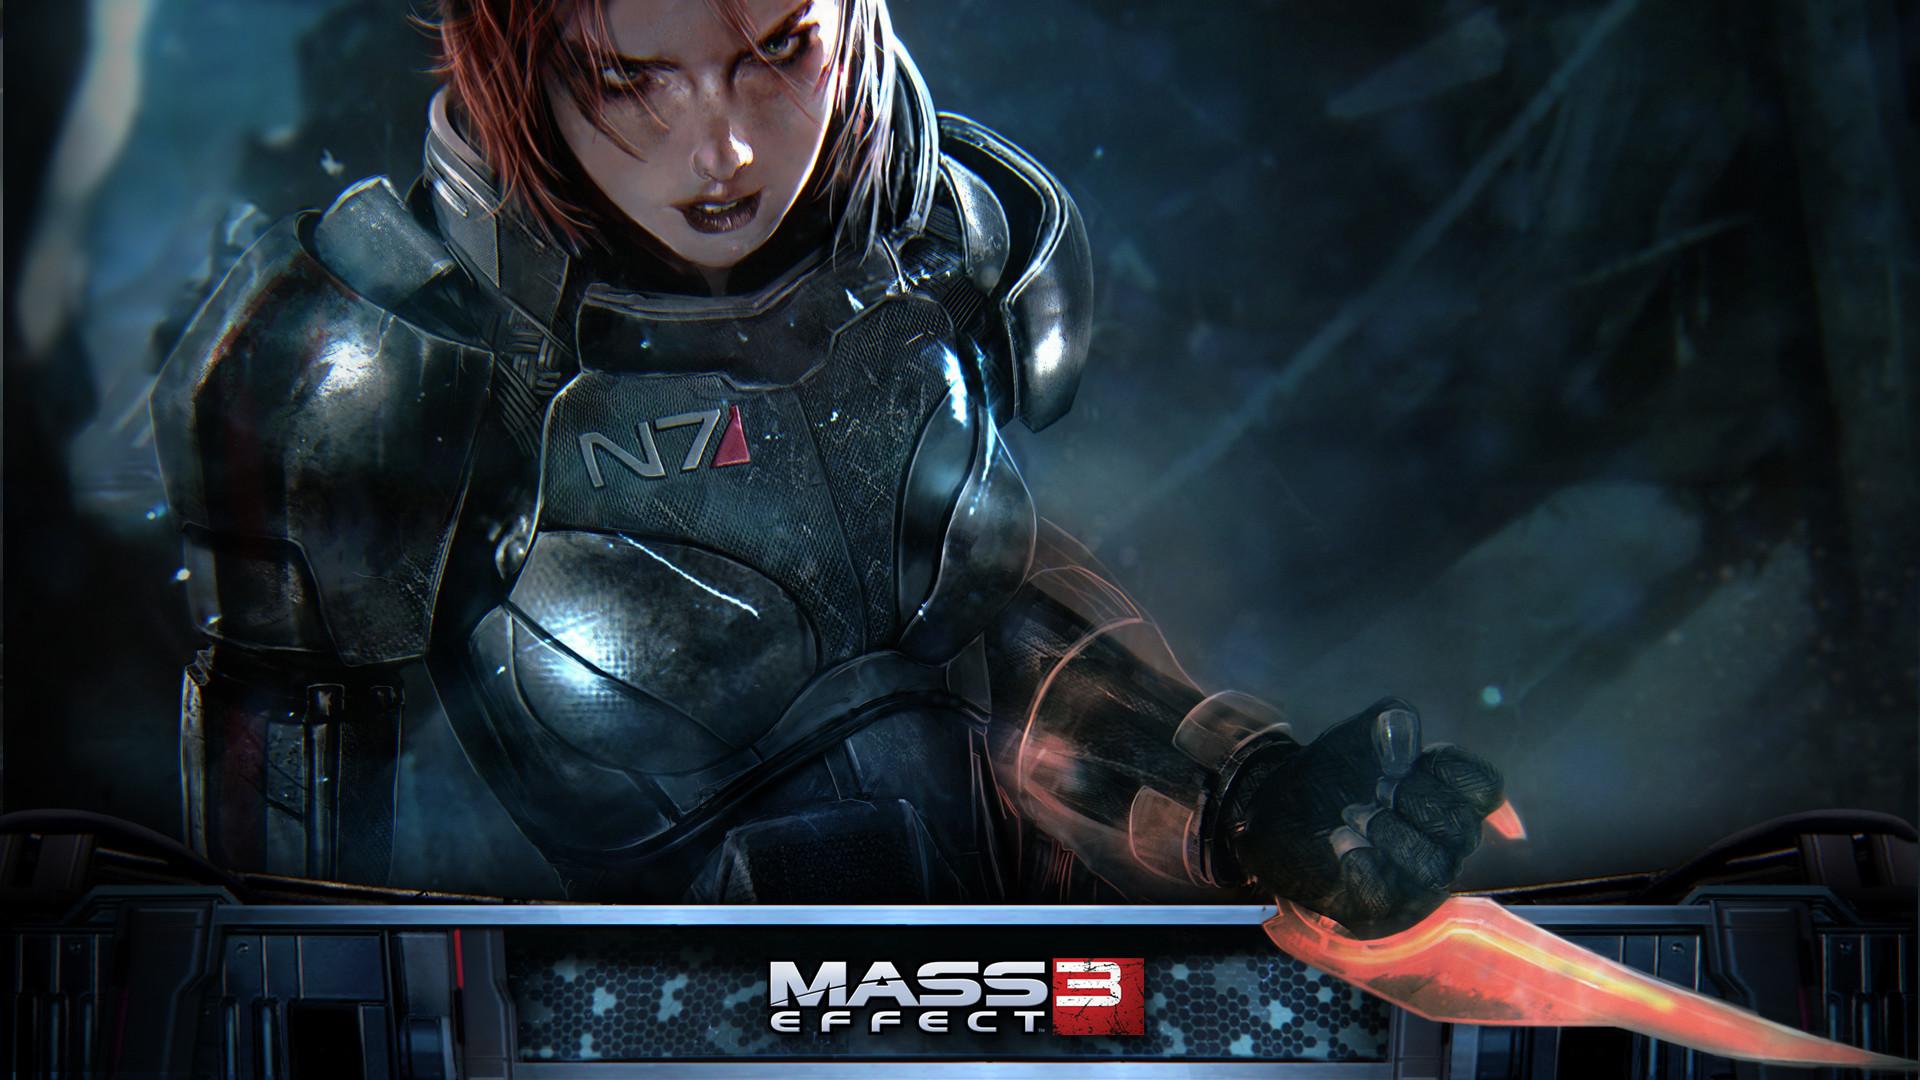 Mass Effect – Commander Shepard – wallpaper-011-femshep-1920×1080